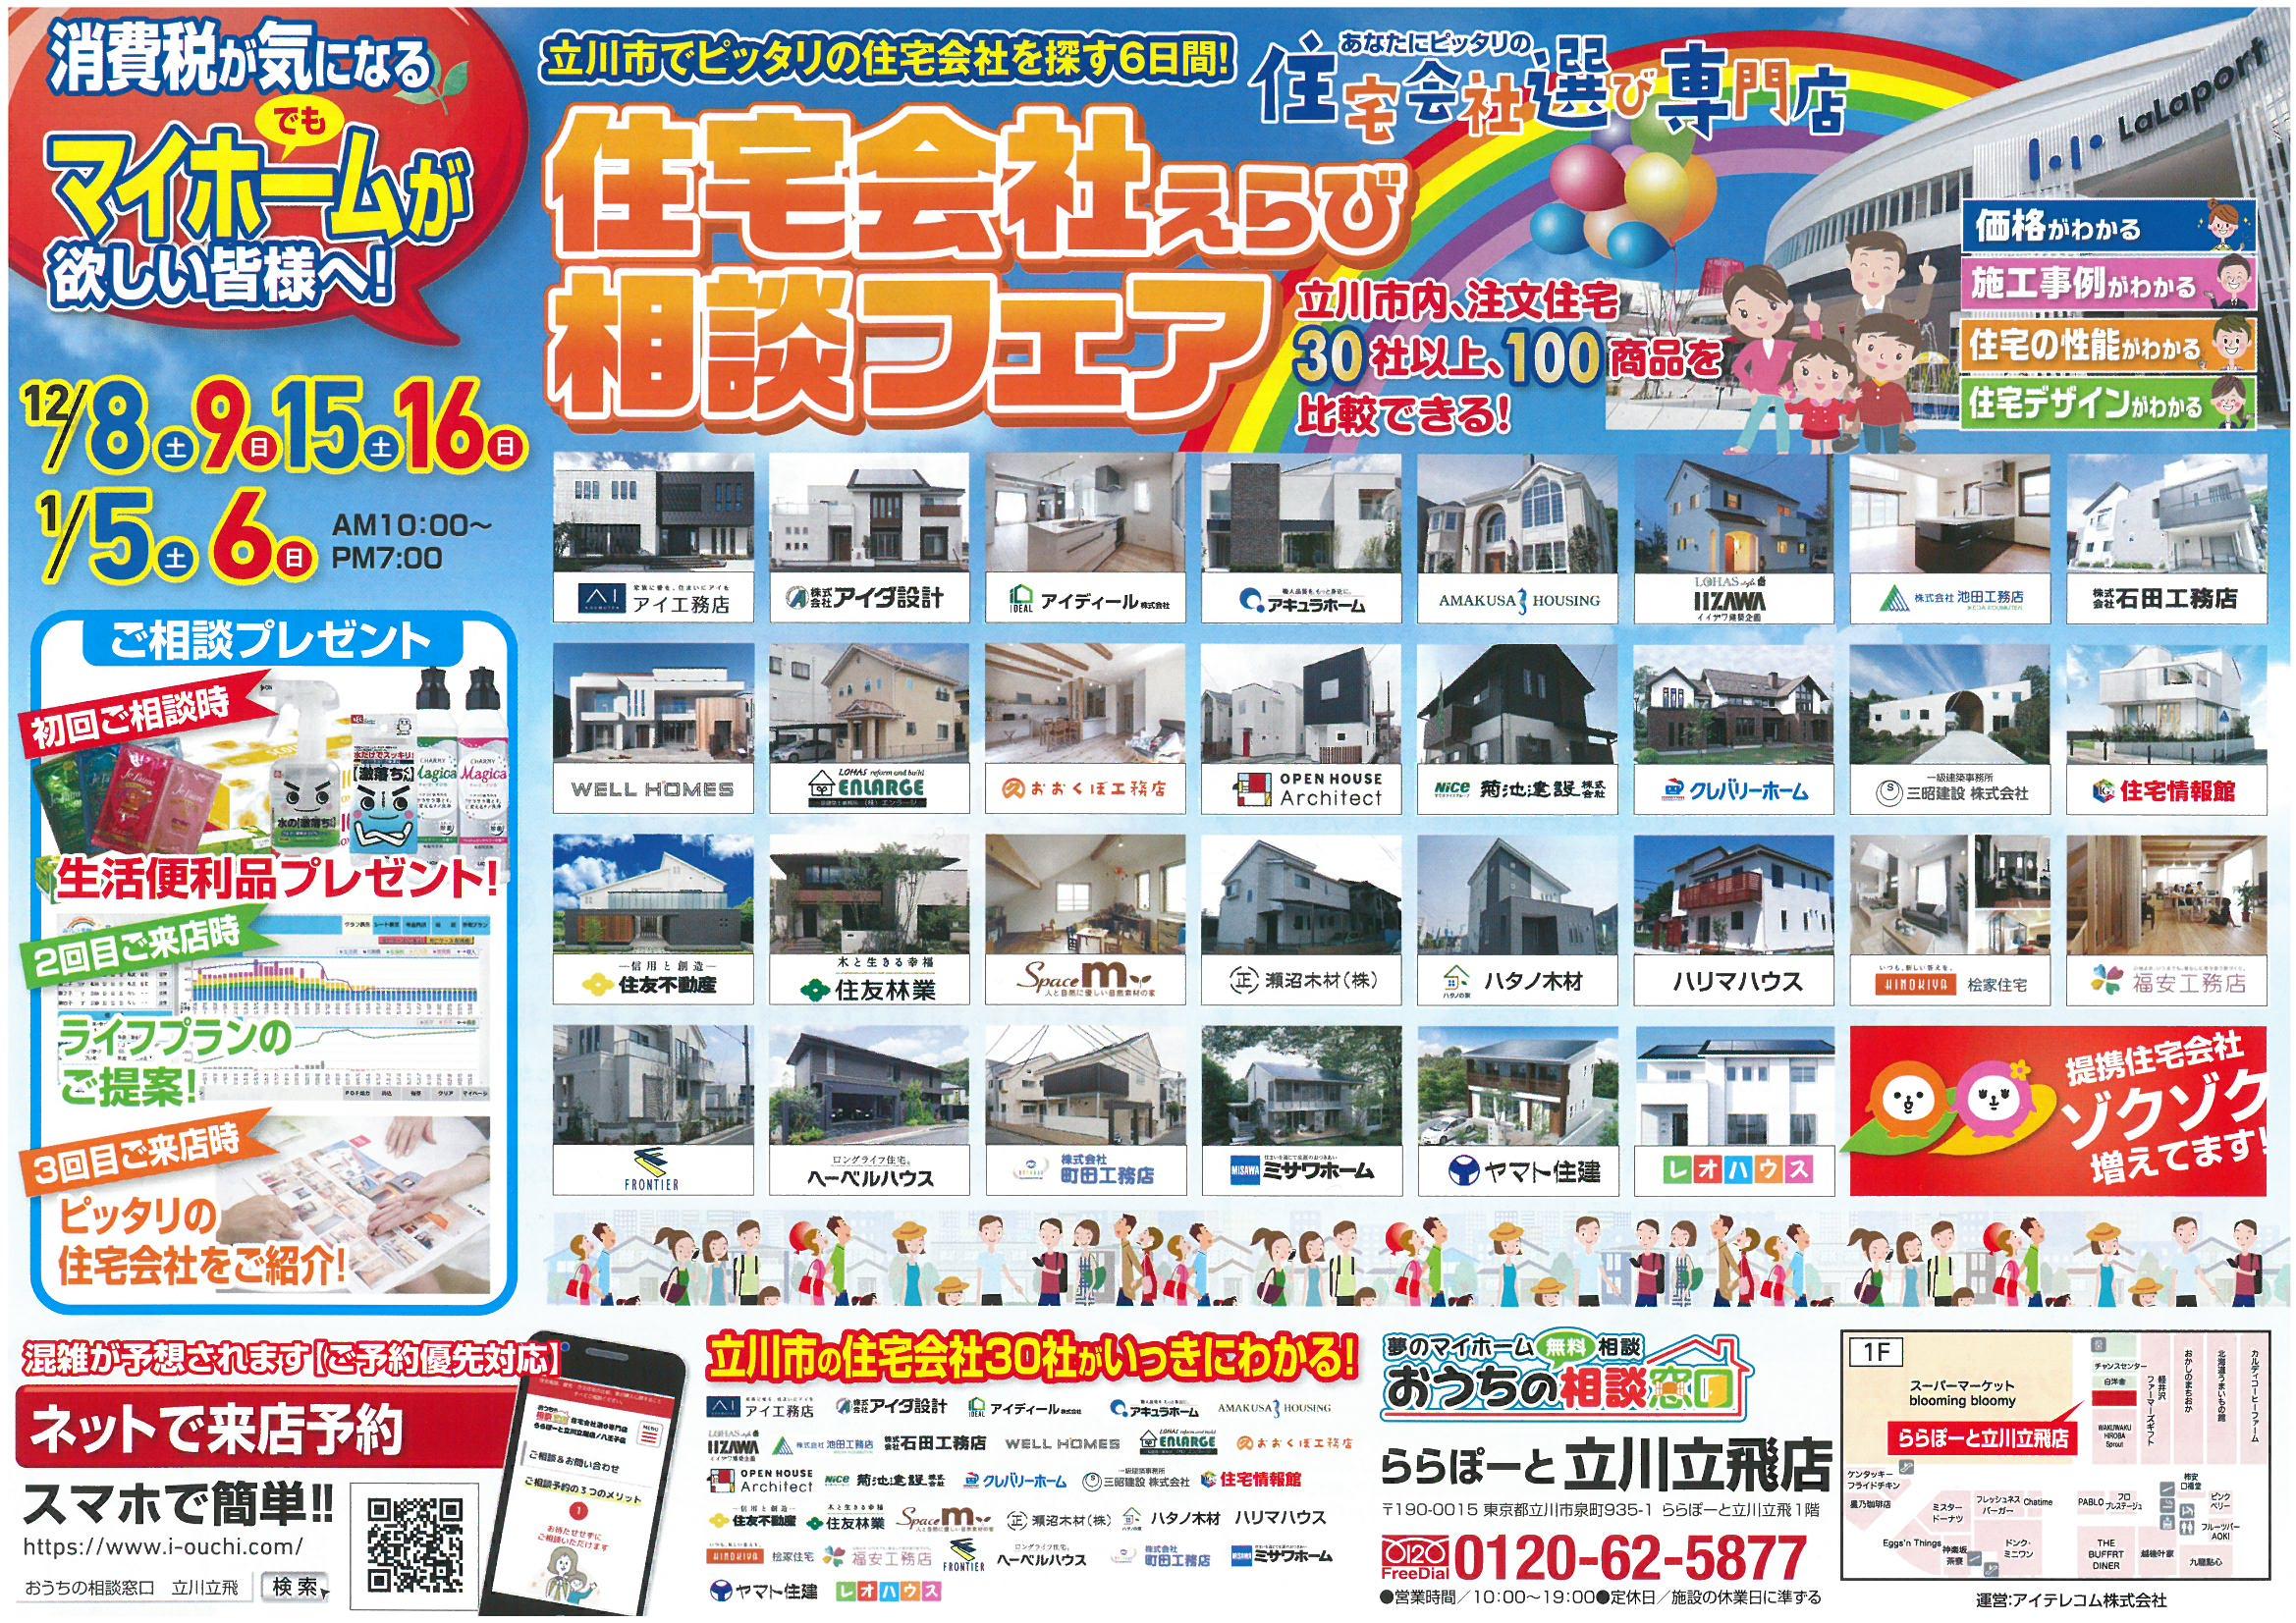 『住宅会社えらび相談フェア』開催!